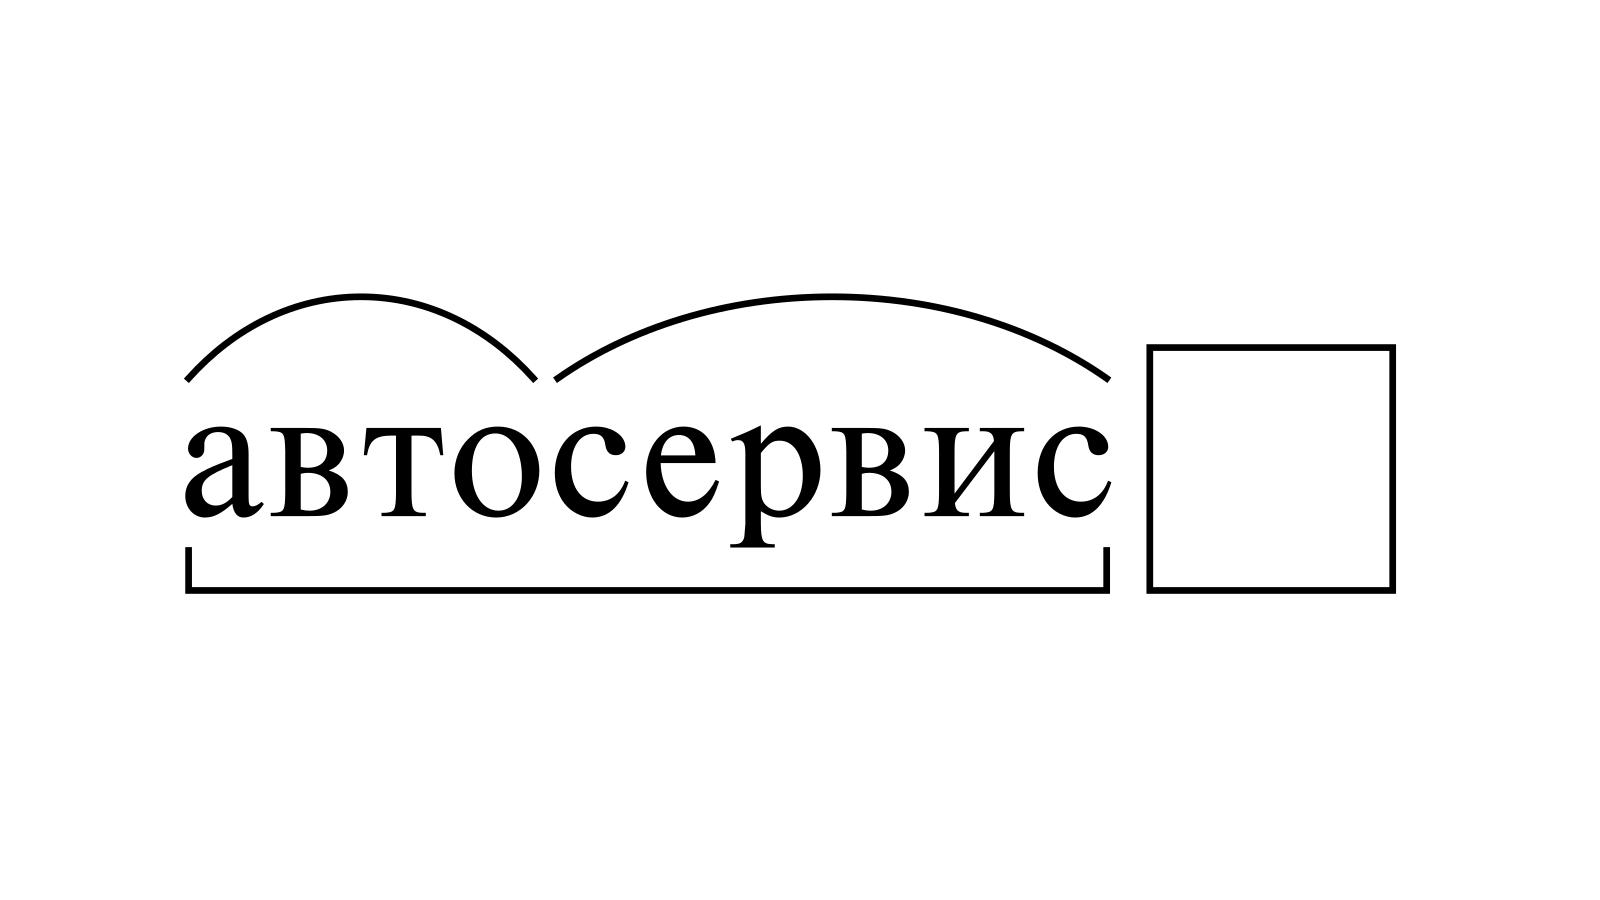 Разбор слова «автосервис» по составу